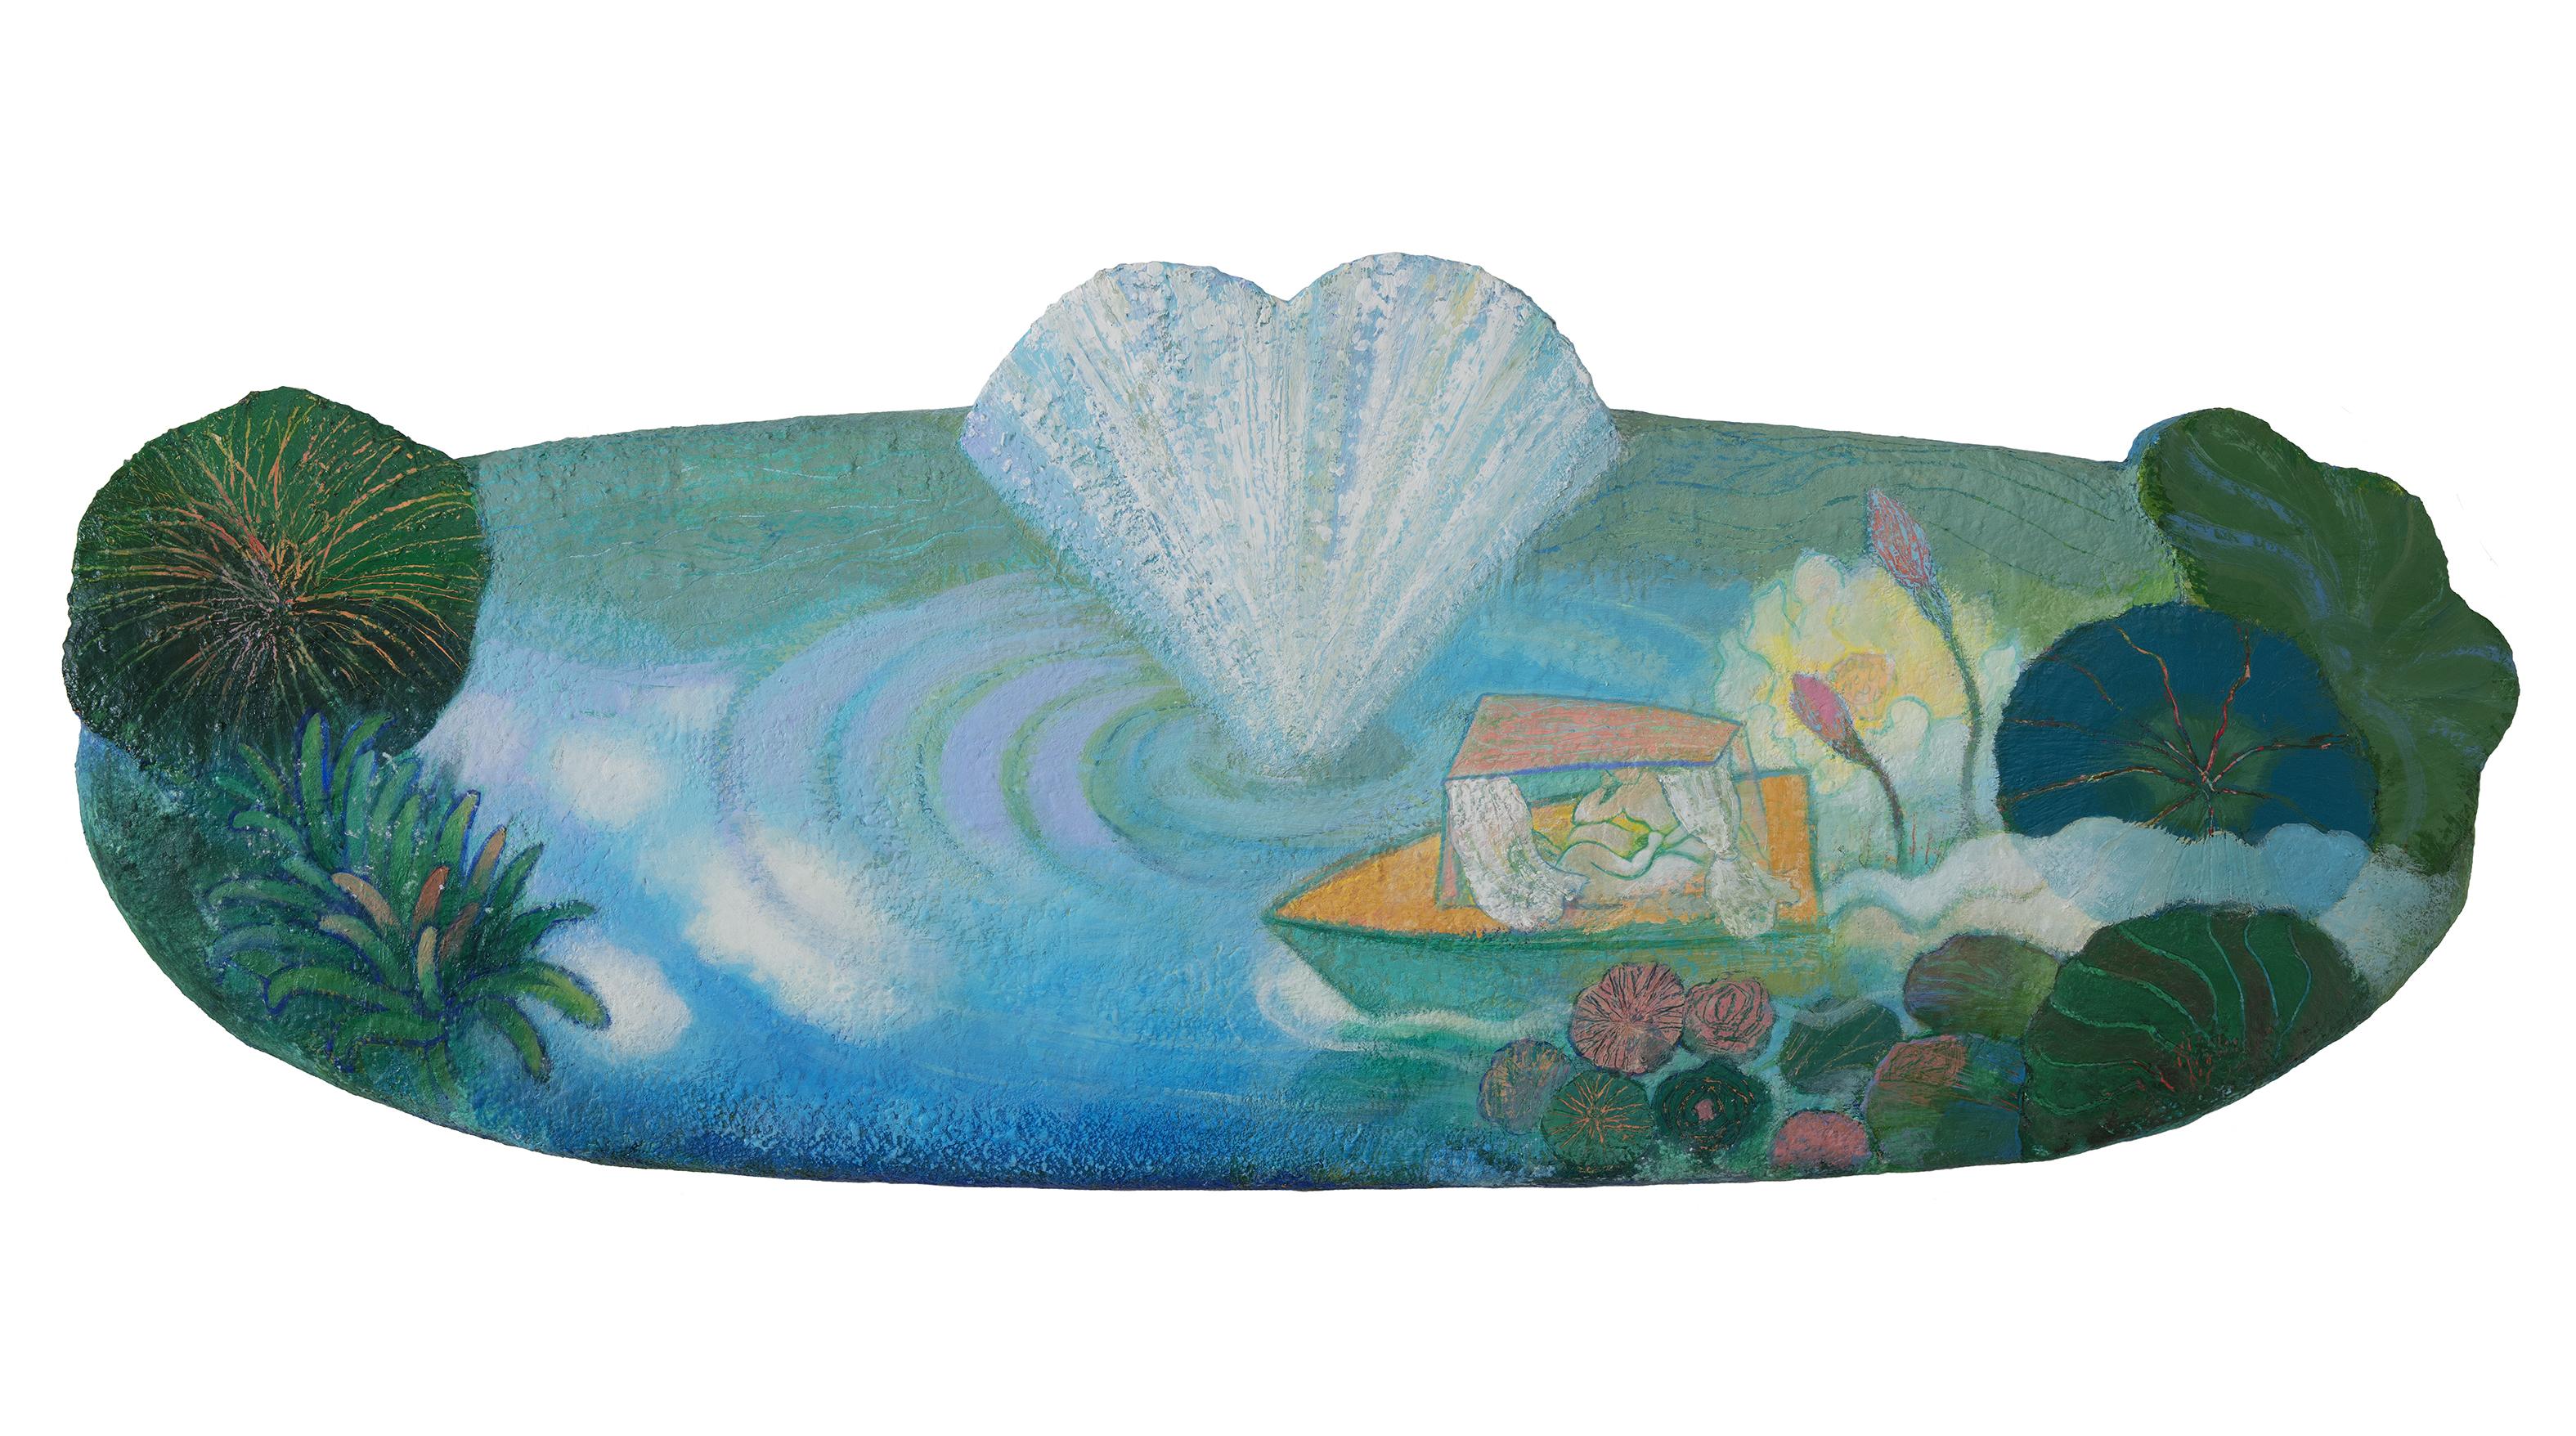 014, 문선영, 연못 풍경, 126 x 49 cm, 아크릴 및 혼합재료